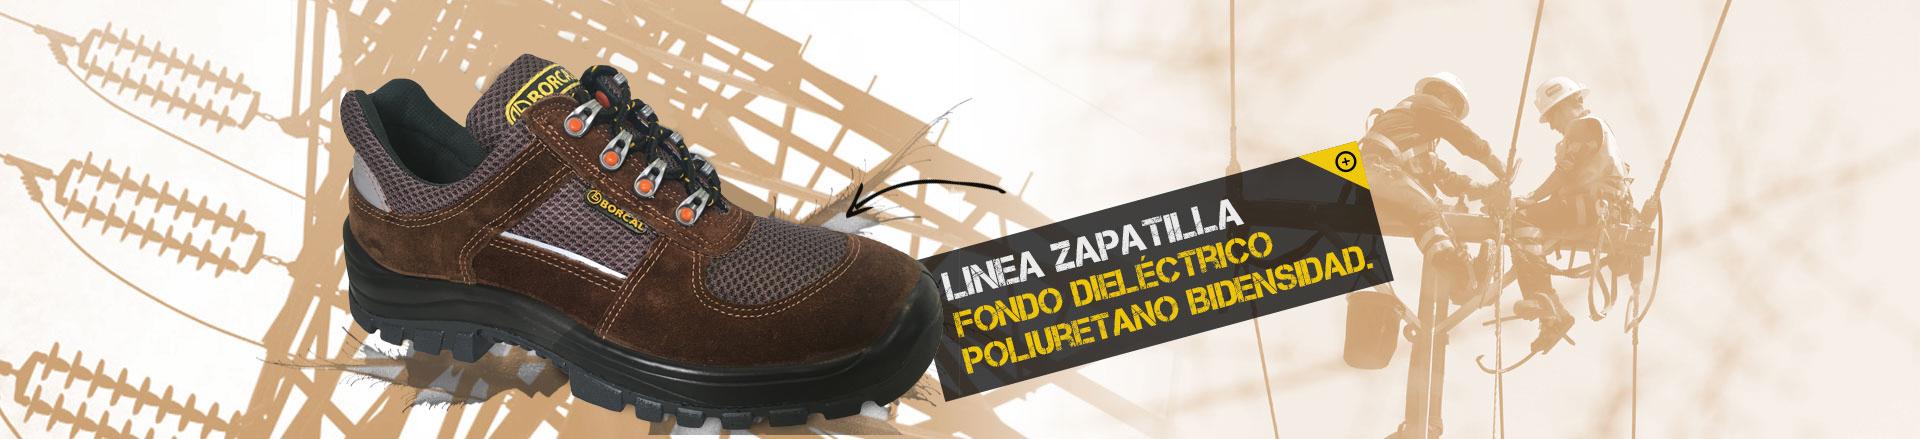 banner-zapa